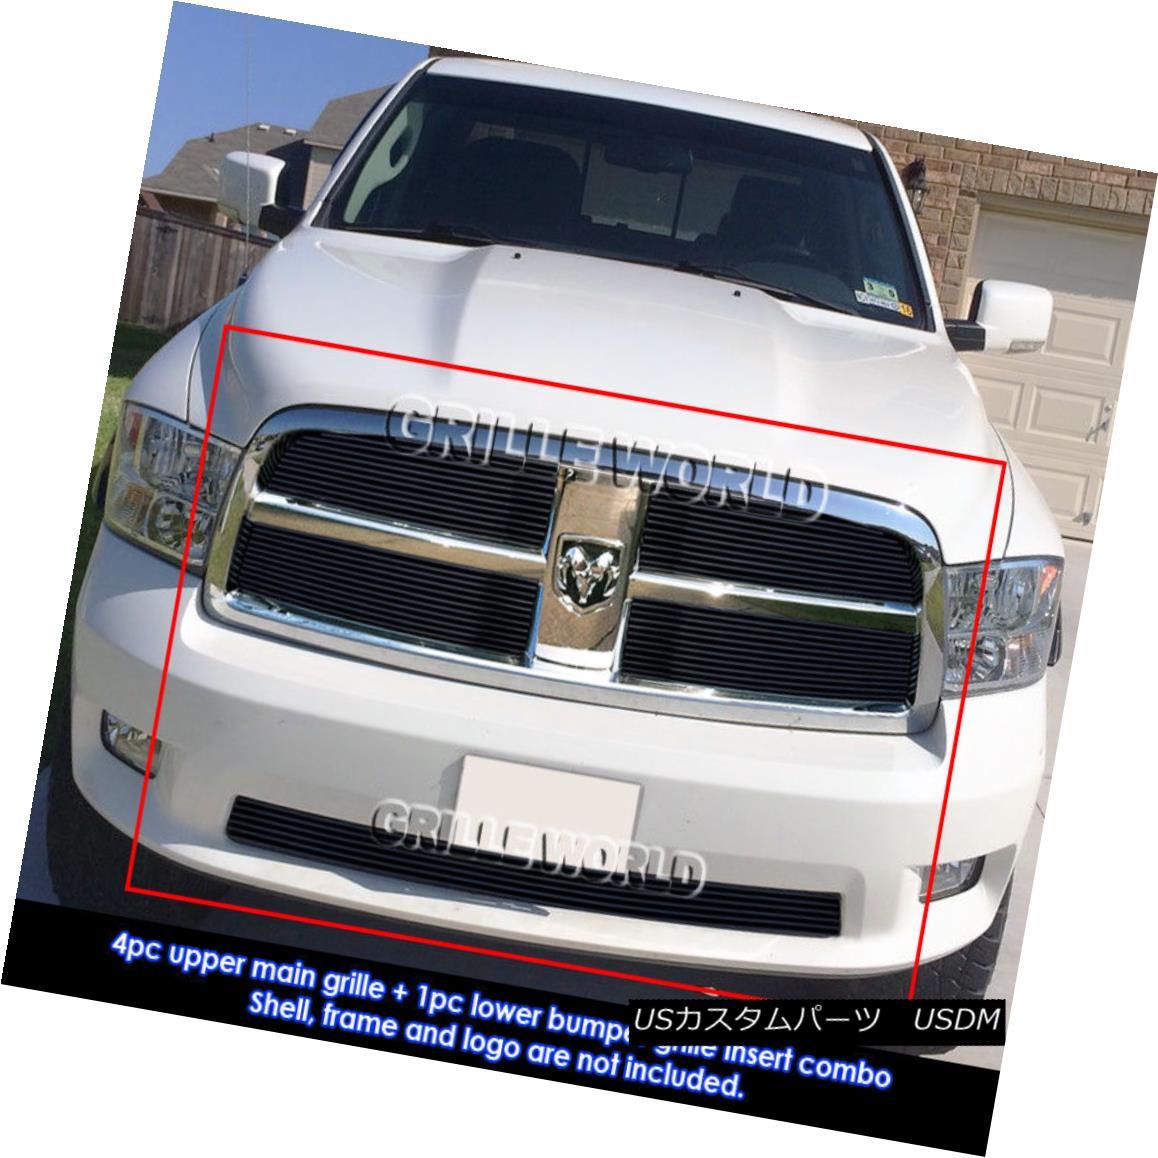 グリル For 2009-2012 Dodge Ram 1500 Sport/Express Model Black Billet Grill Combo 2009-2012ダッジラム1500スポーツ/エクスプレスモデルブラックビレットグリルコンボ用